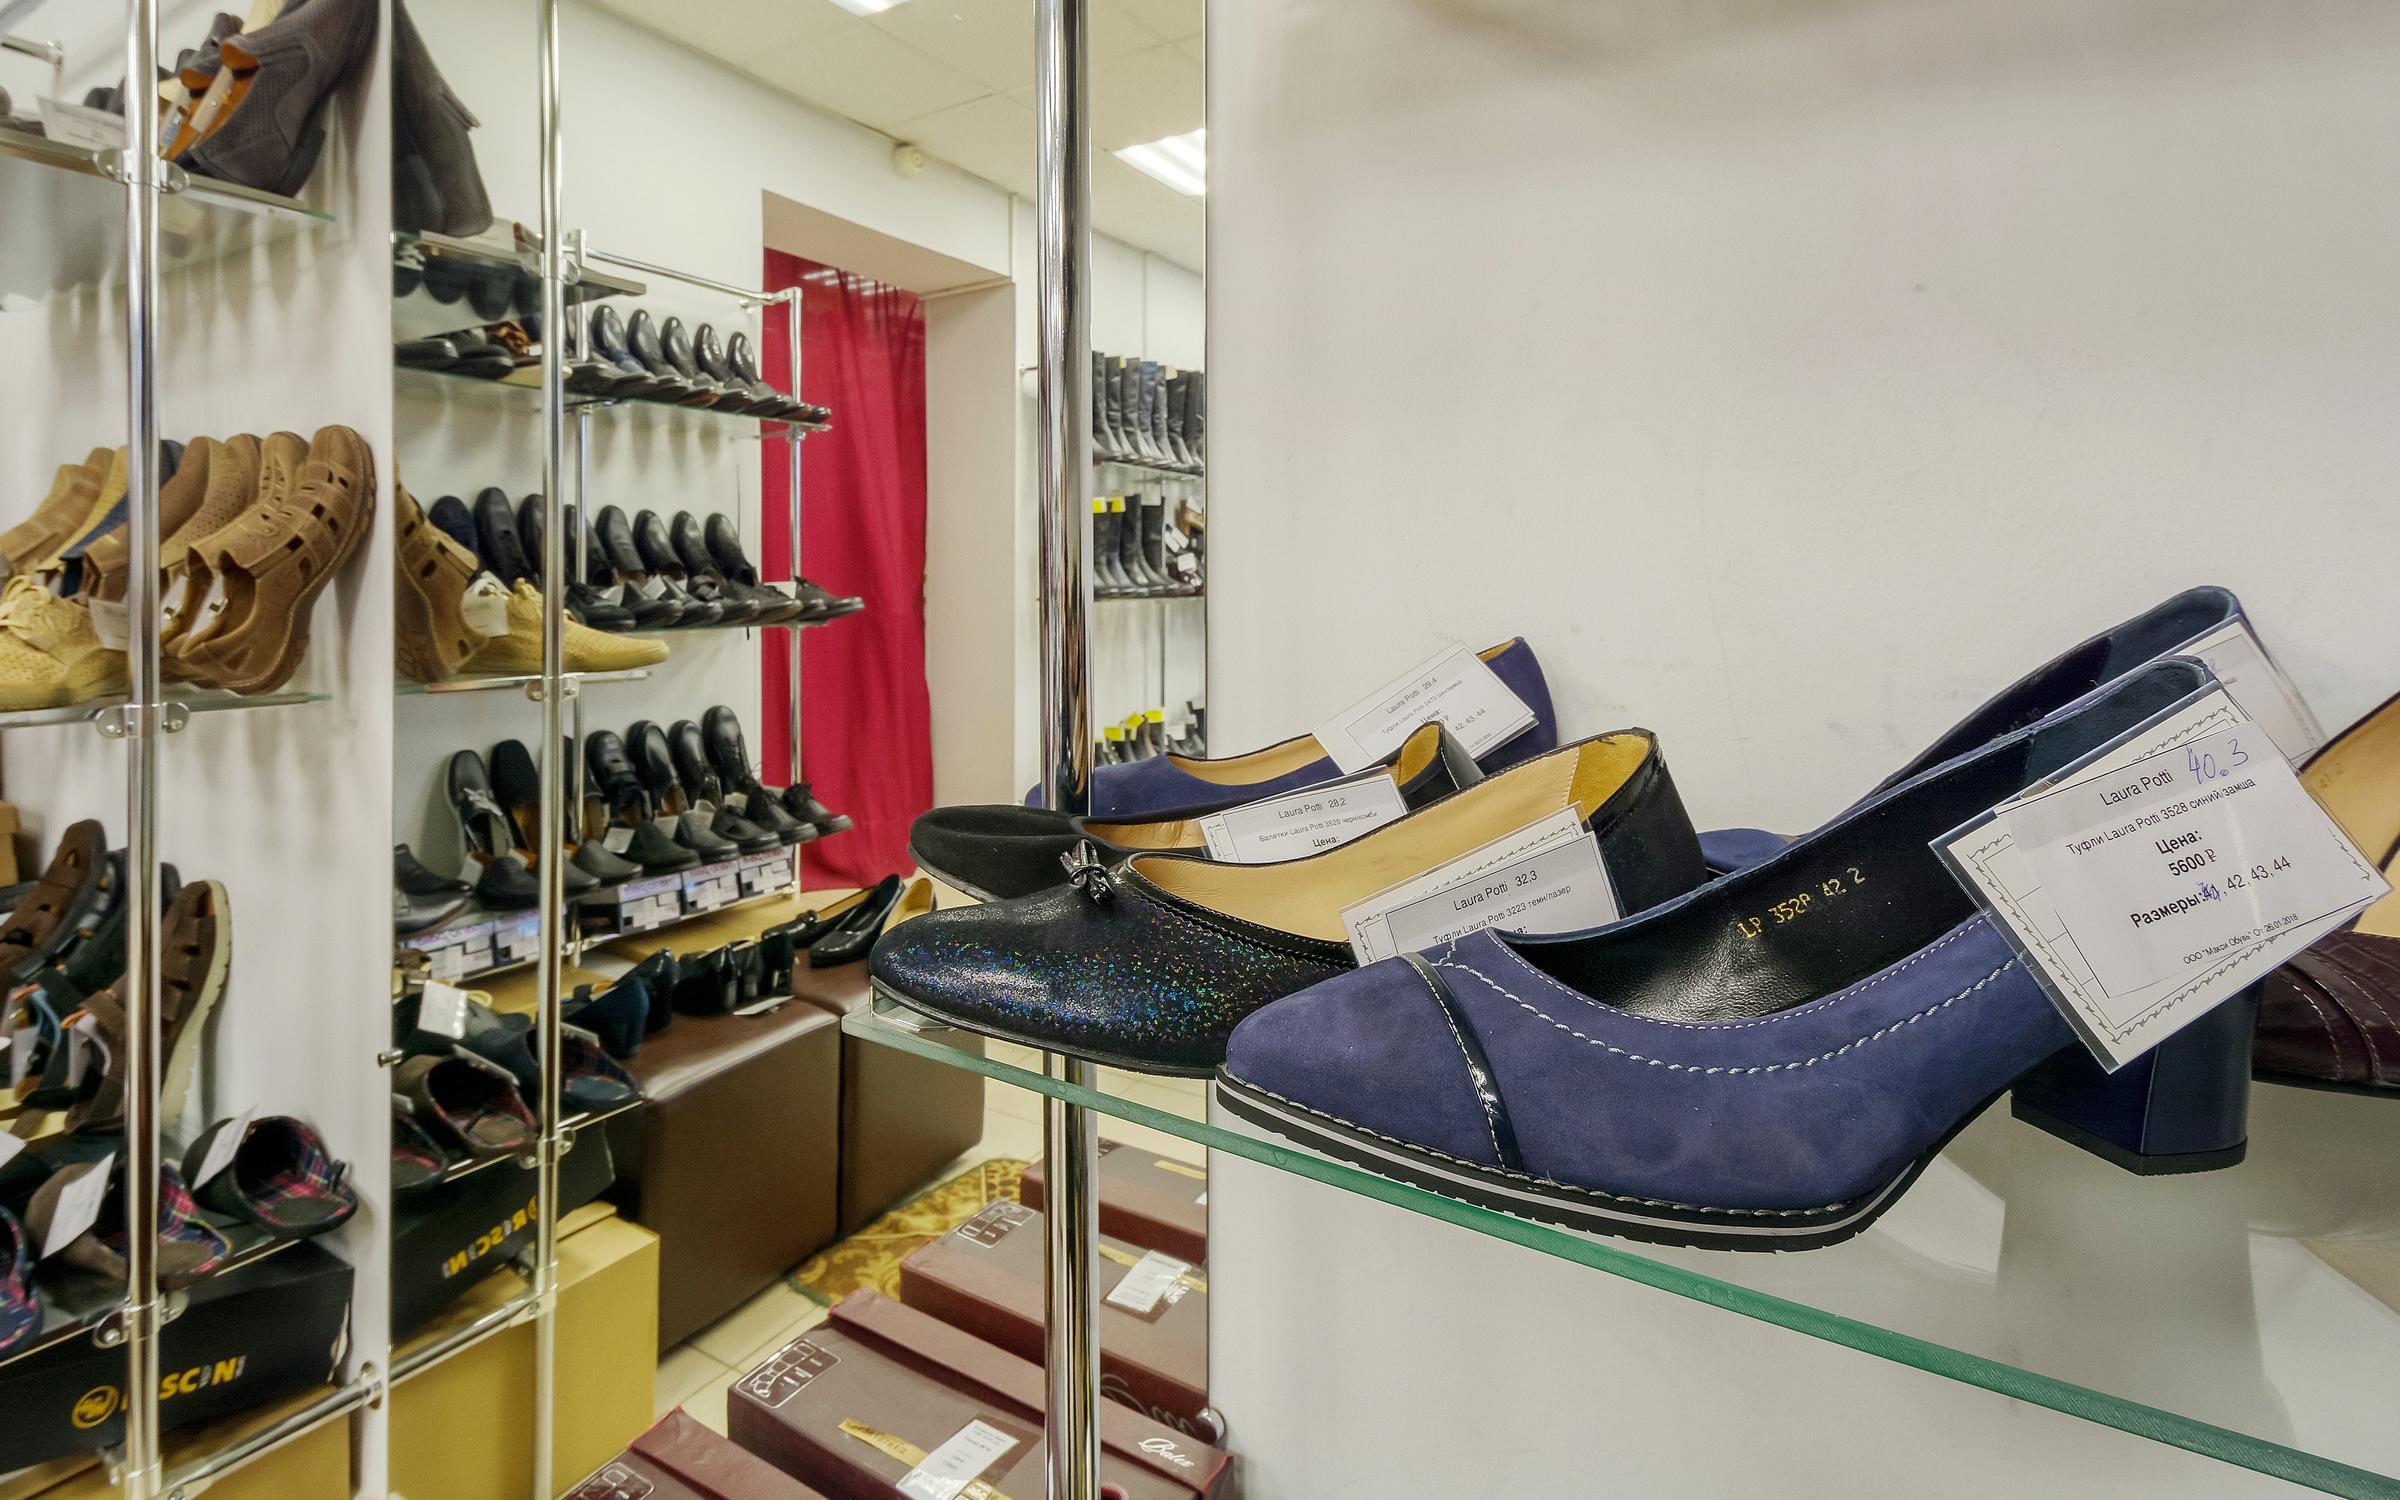 3bb96e4aaa36 Мужская обувь - цены от 75 руб. в Санкт-Петербурге - 39 мест на Zoon.ru